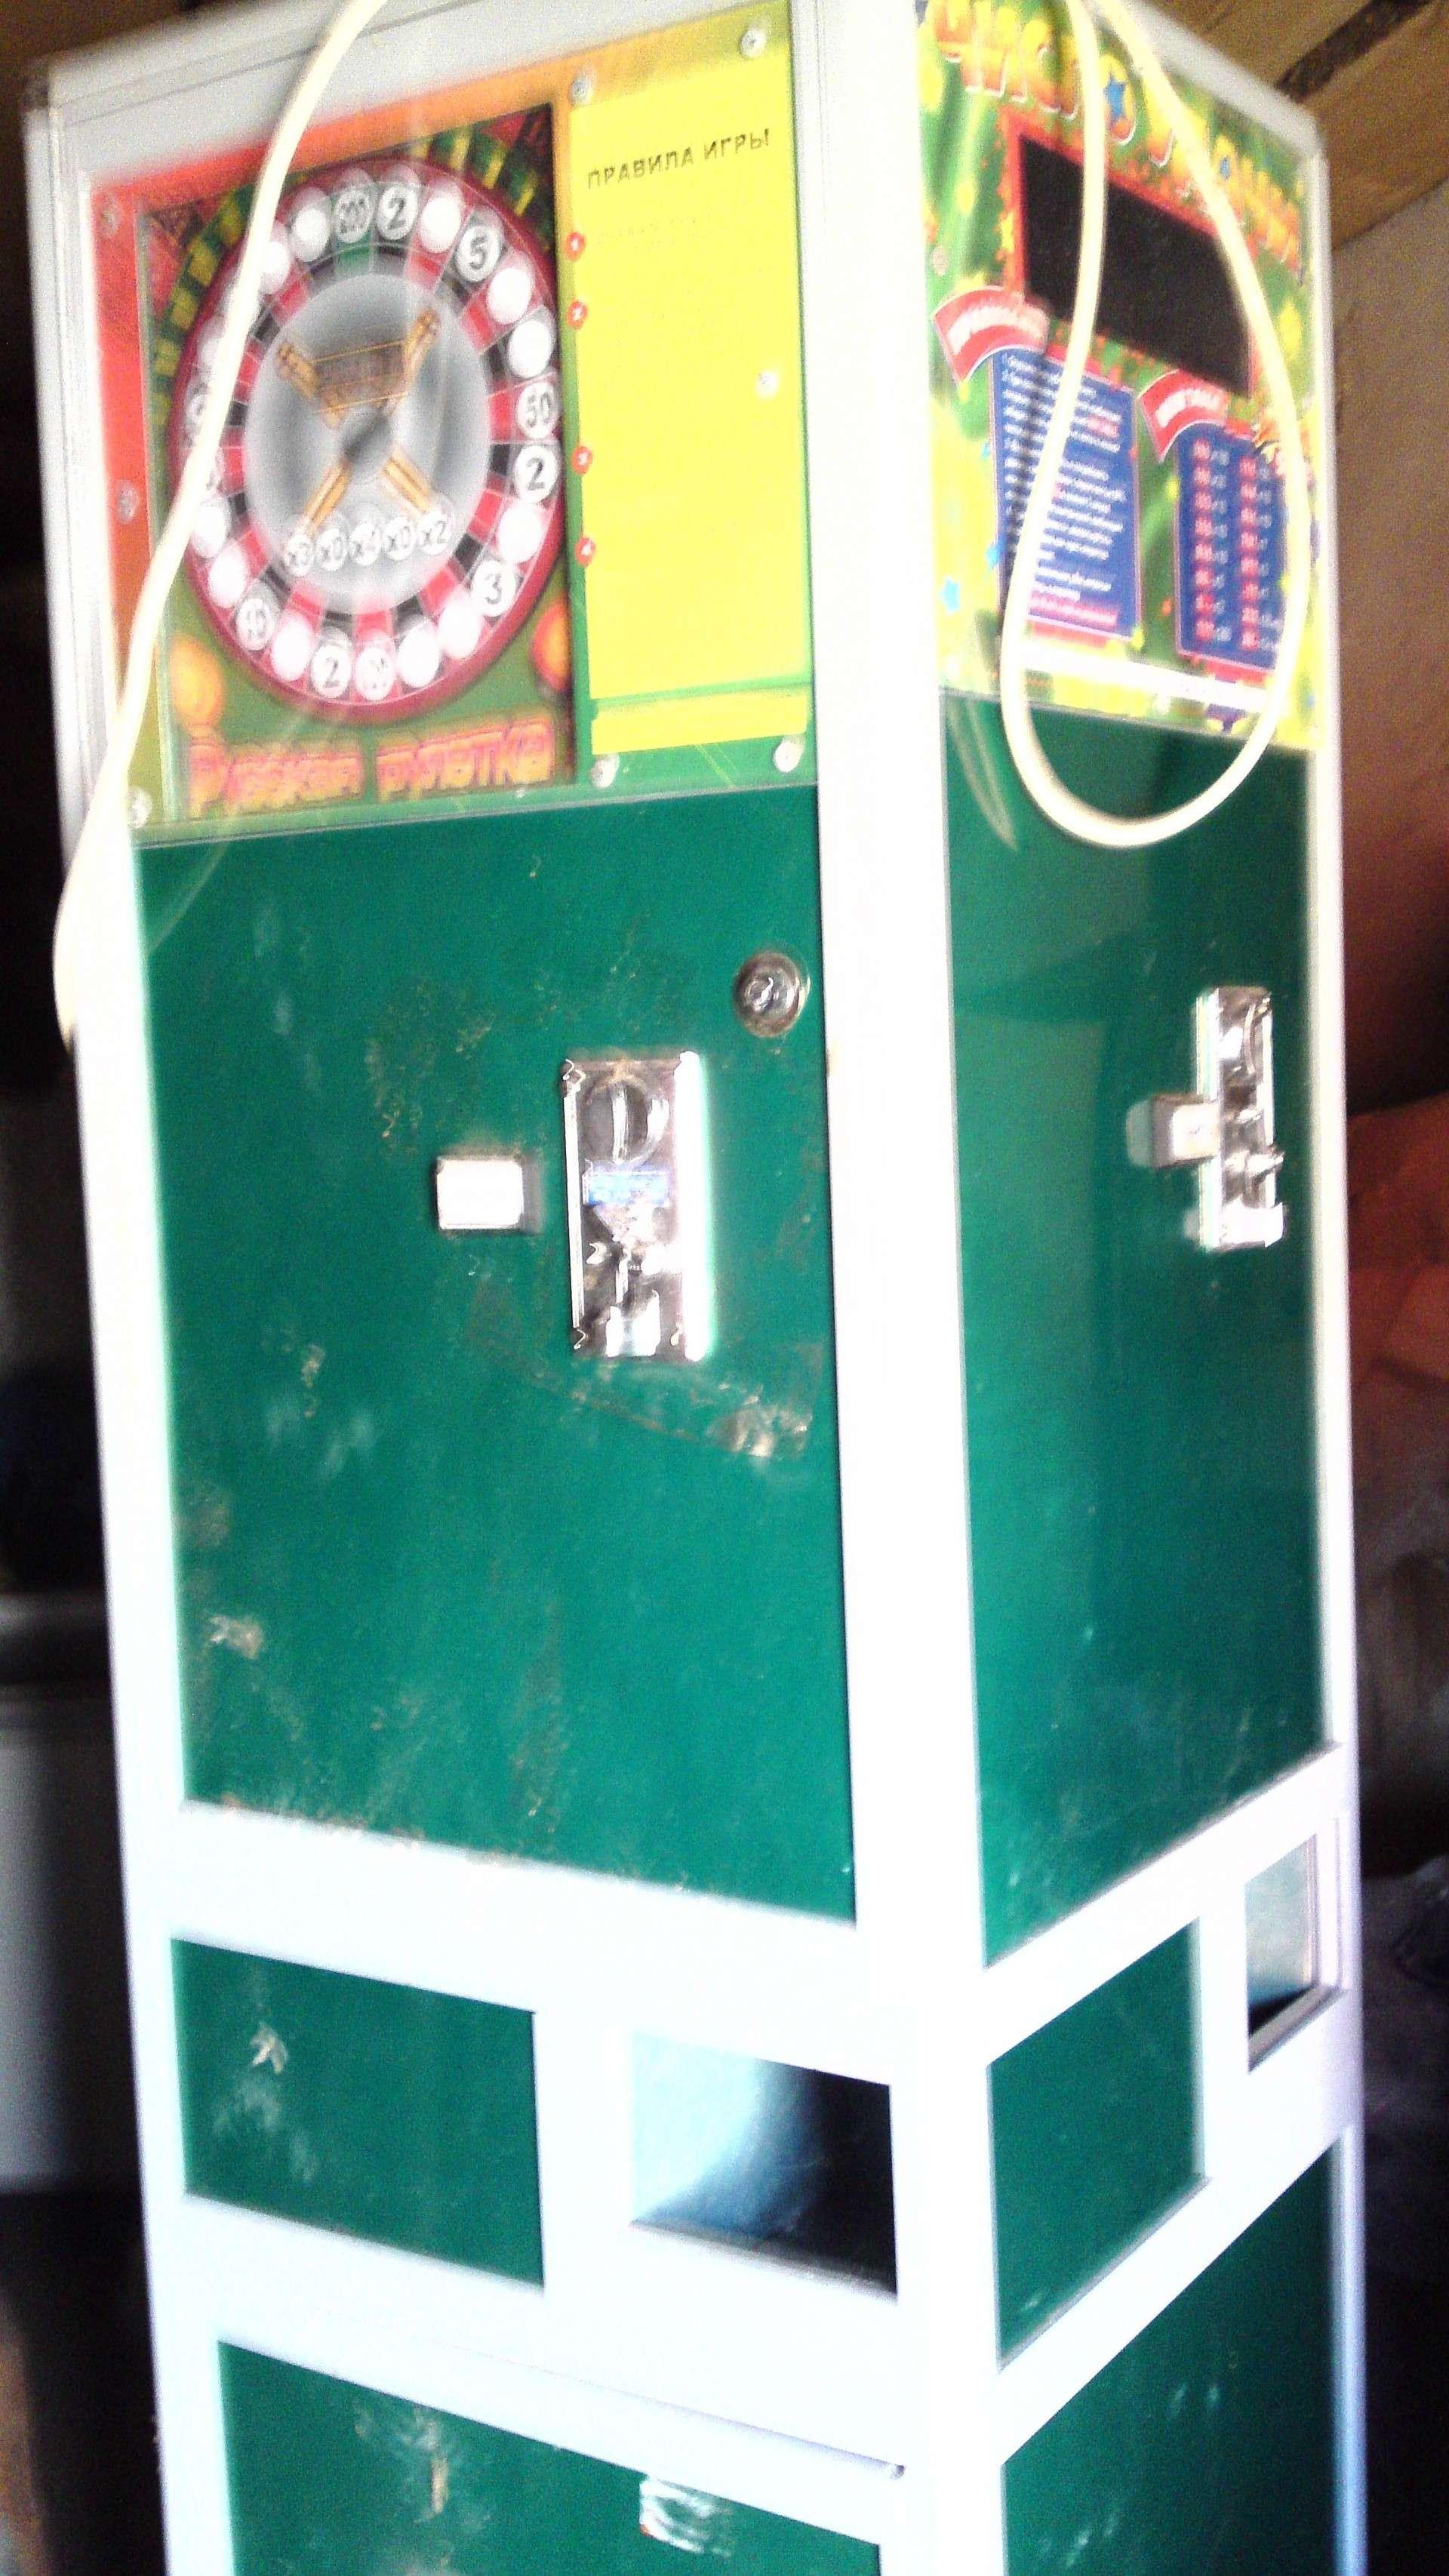 Куплю игровые автоматы, ромашка, столби онлайн как обыграть в рулетку